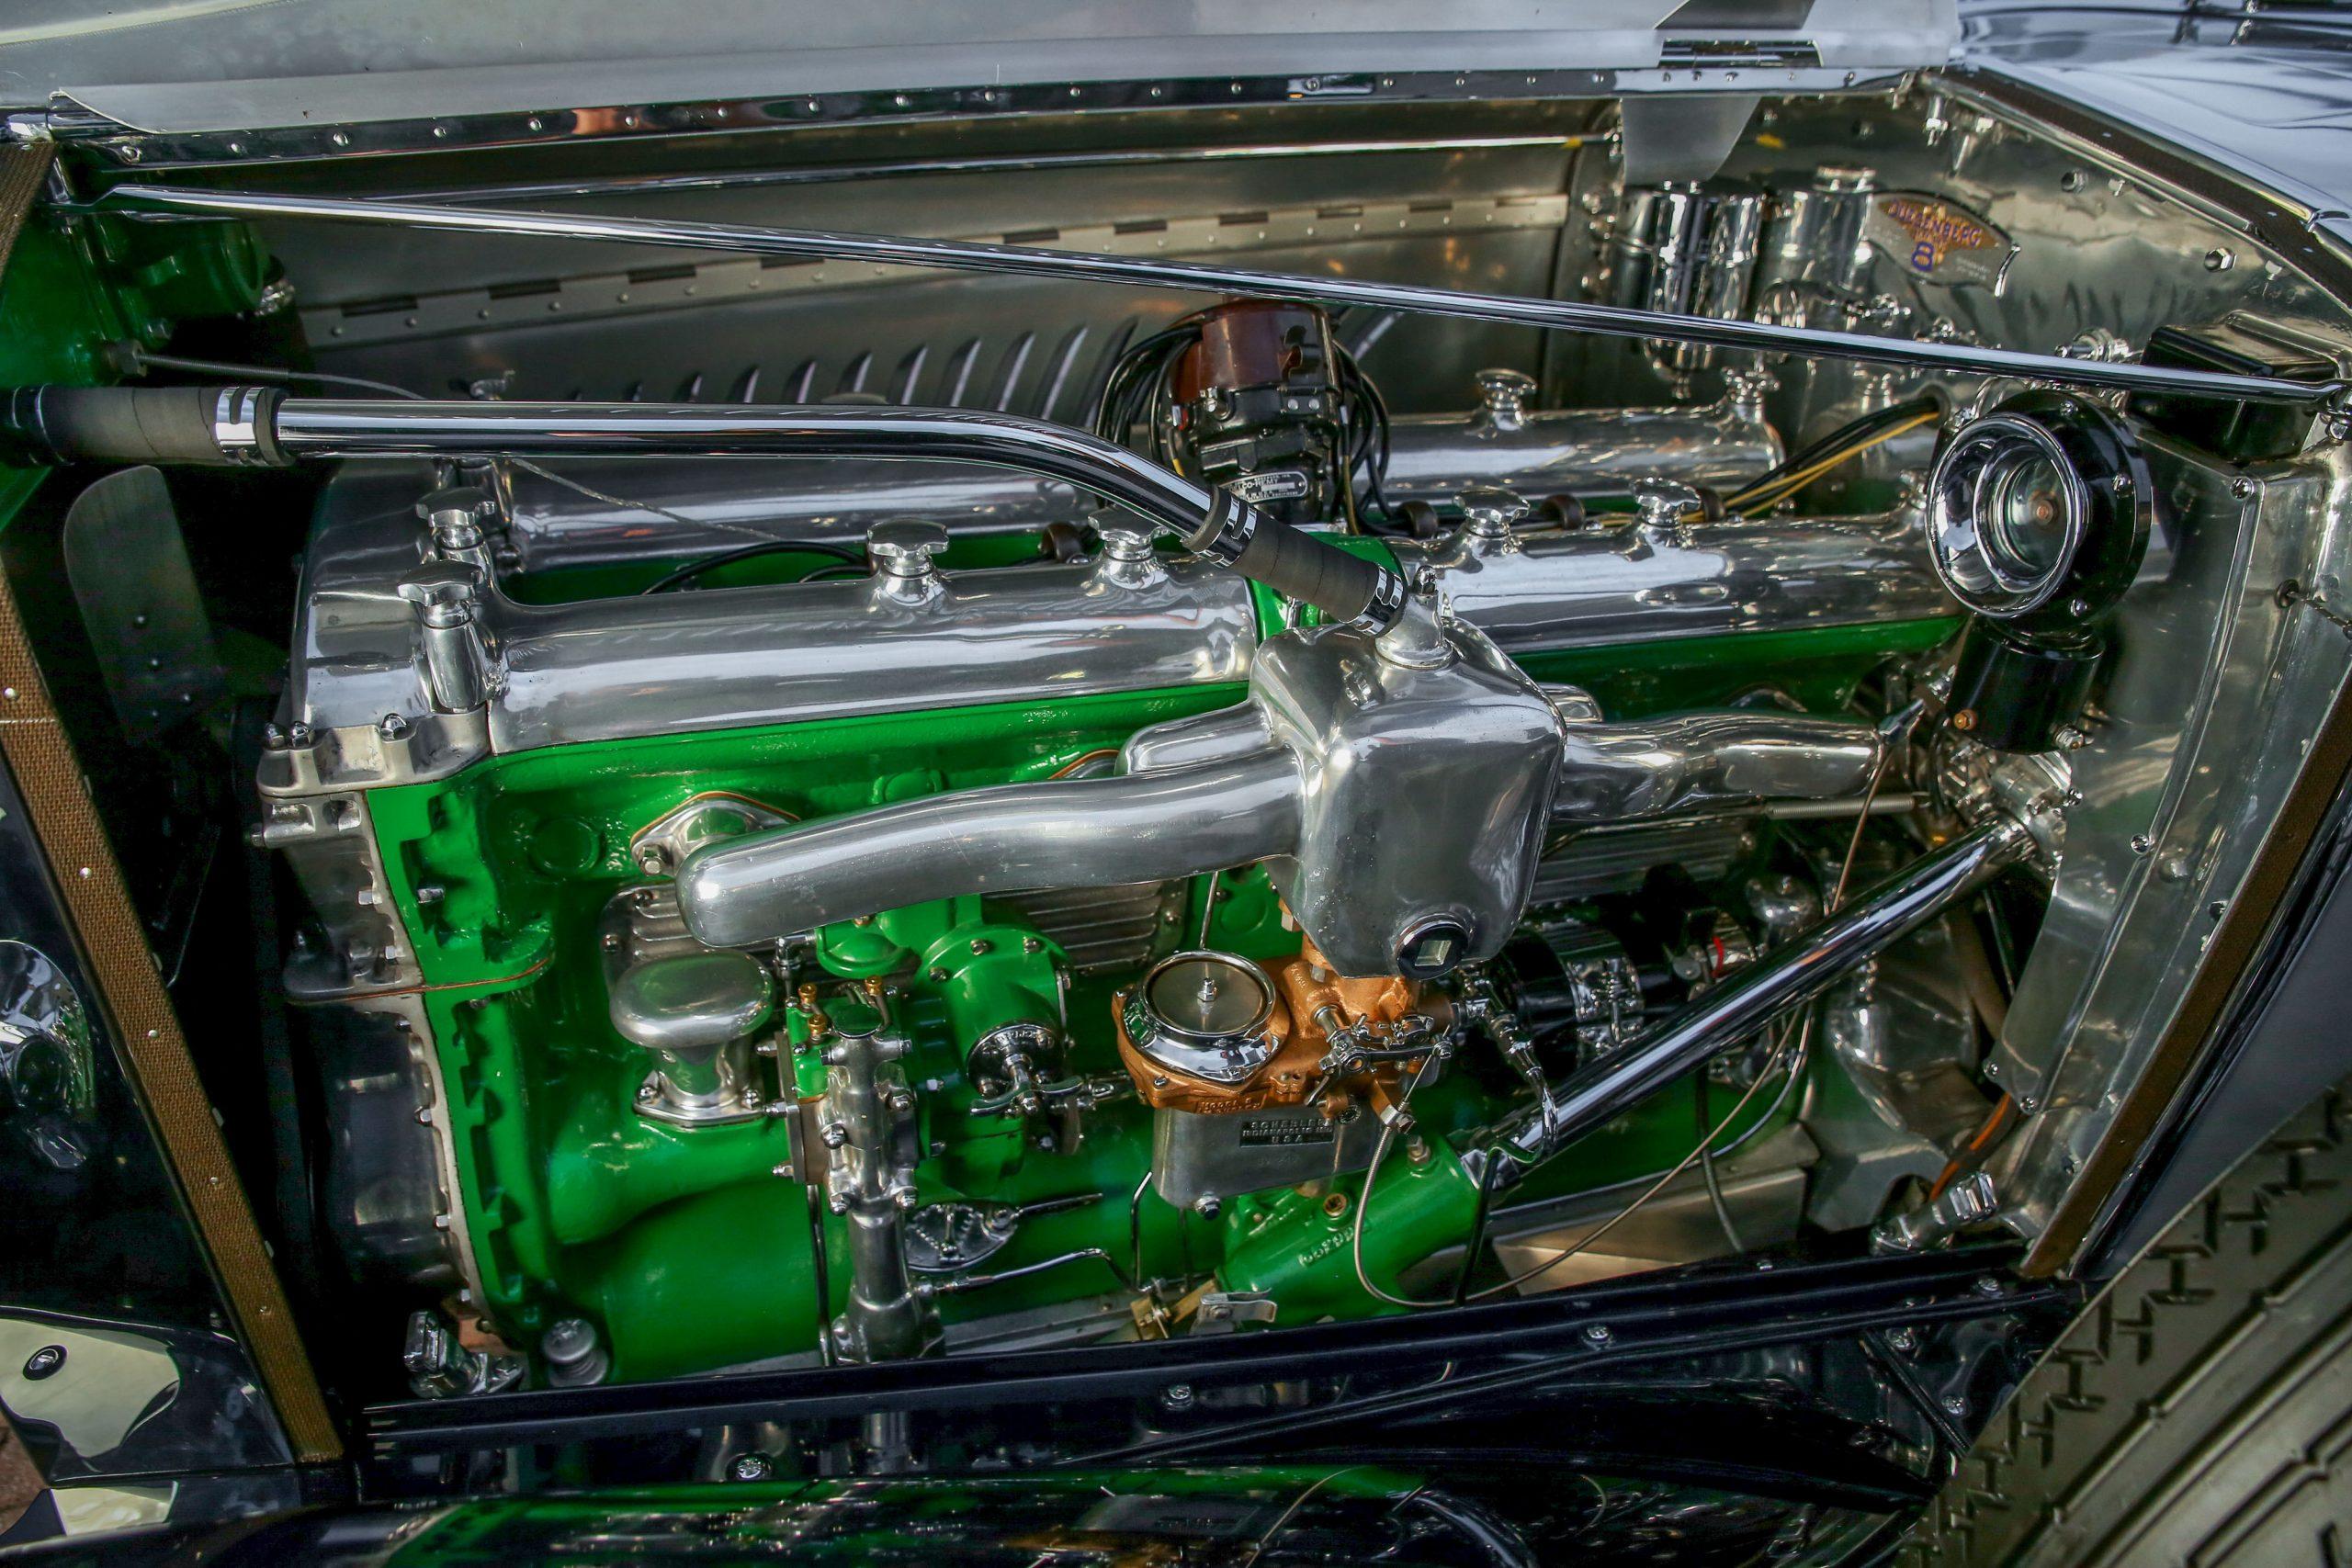 1929 Duesenberg Model J engine